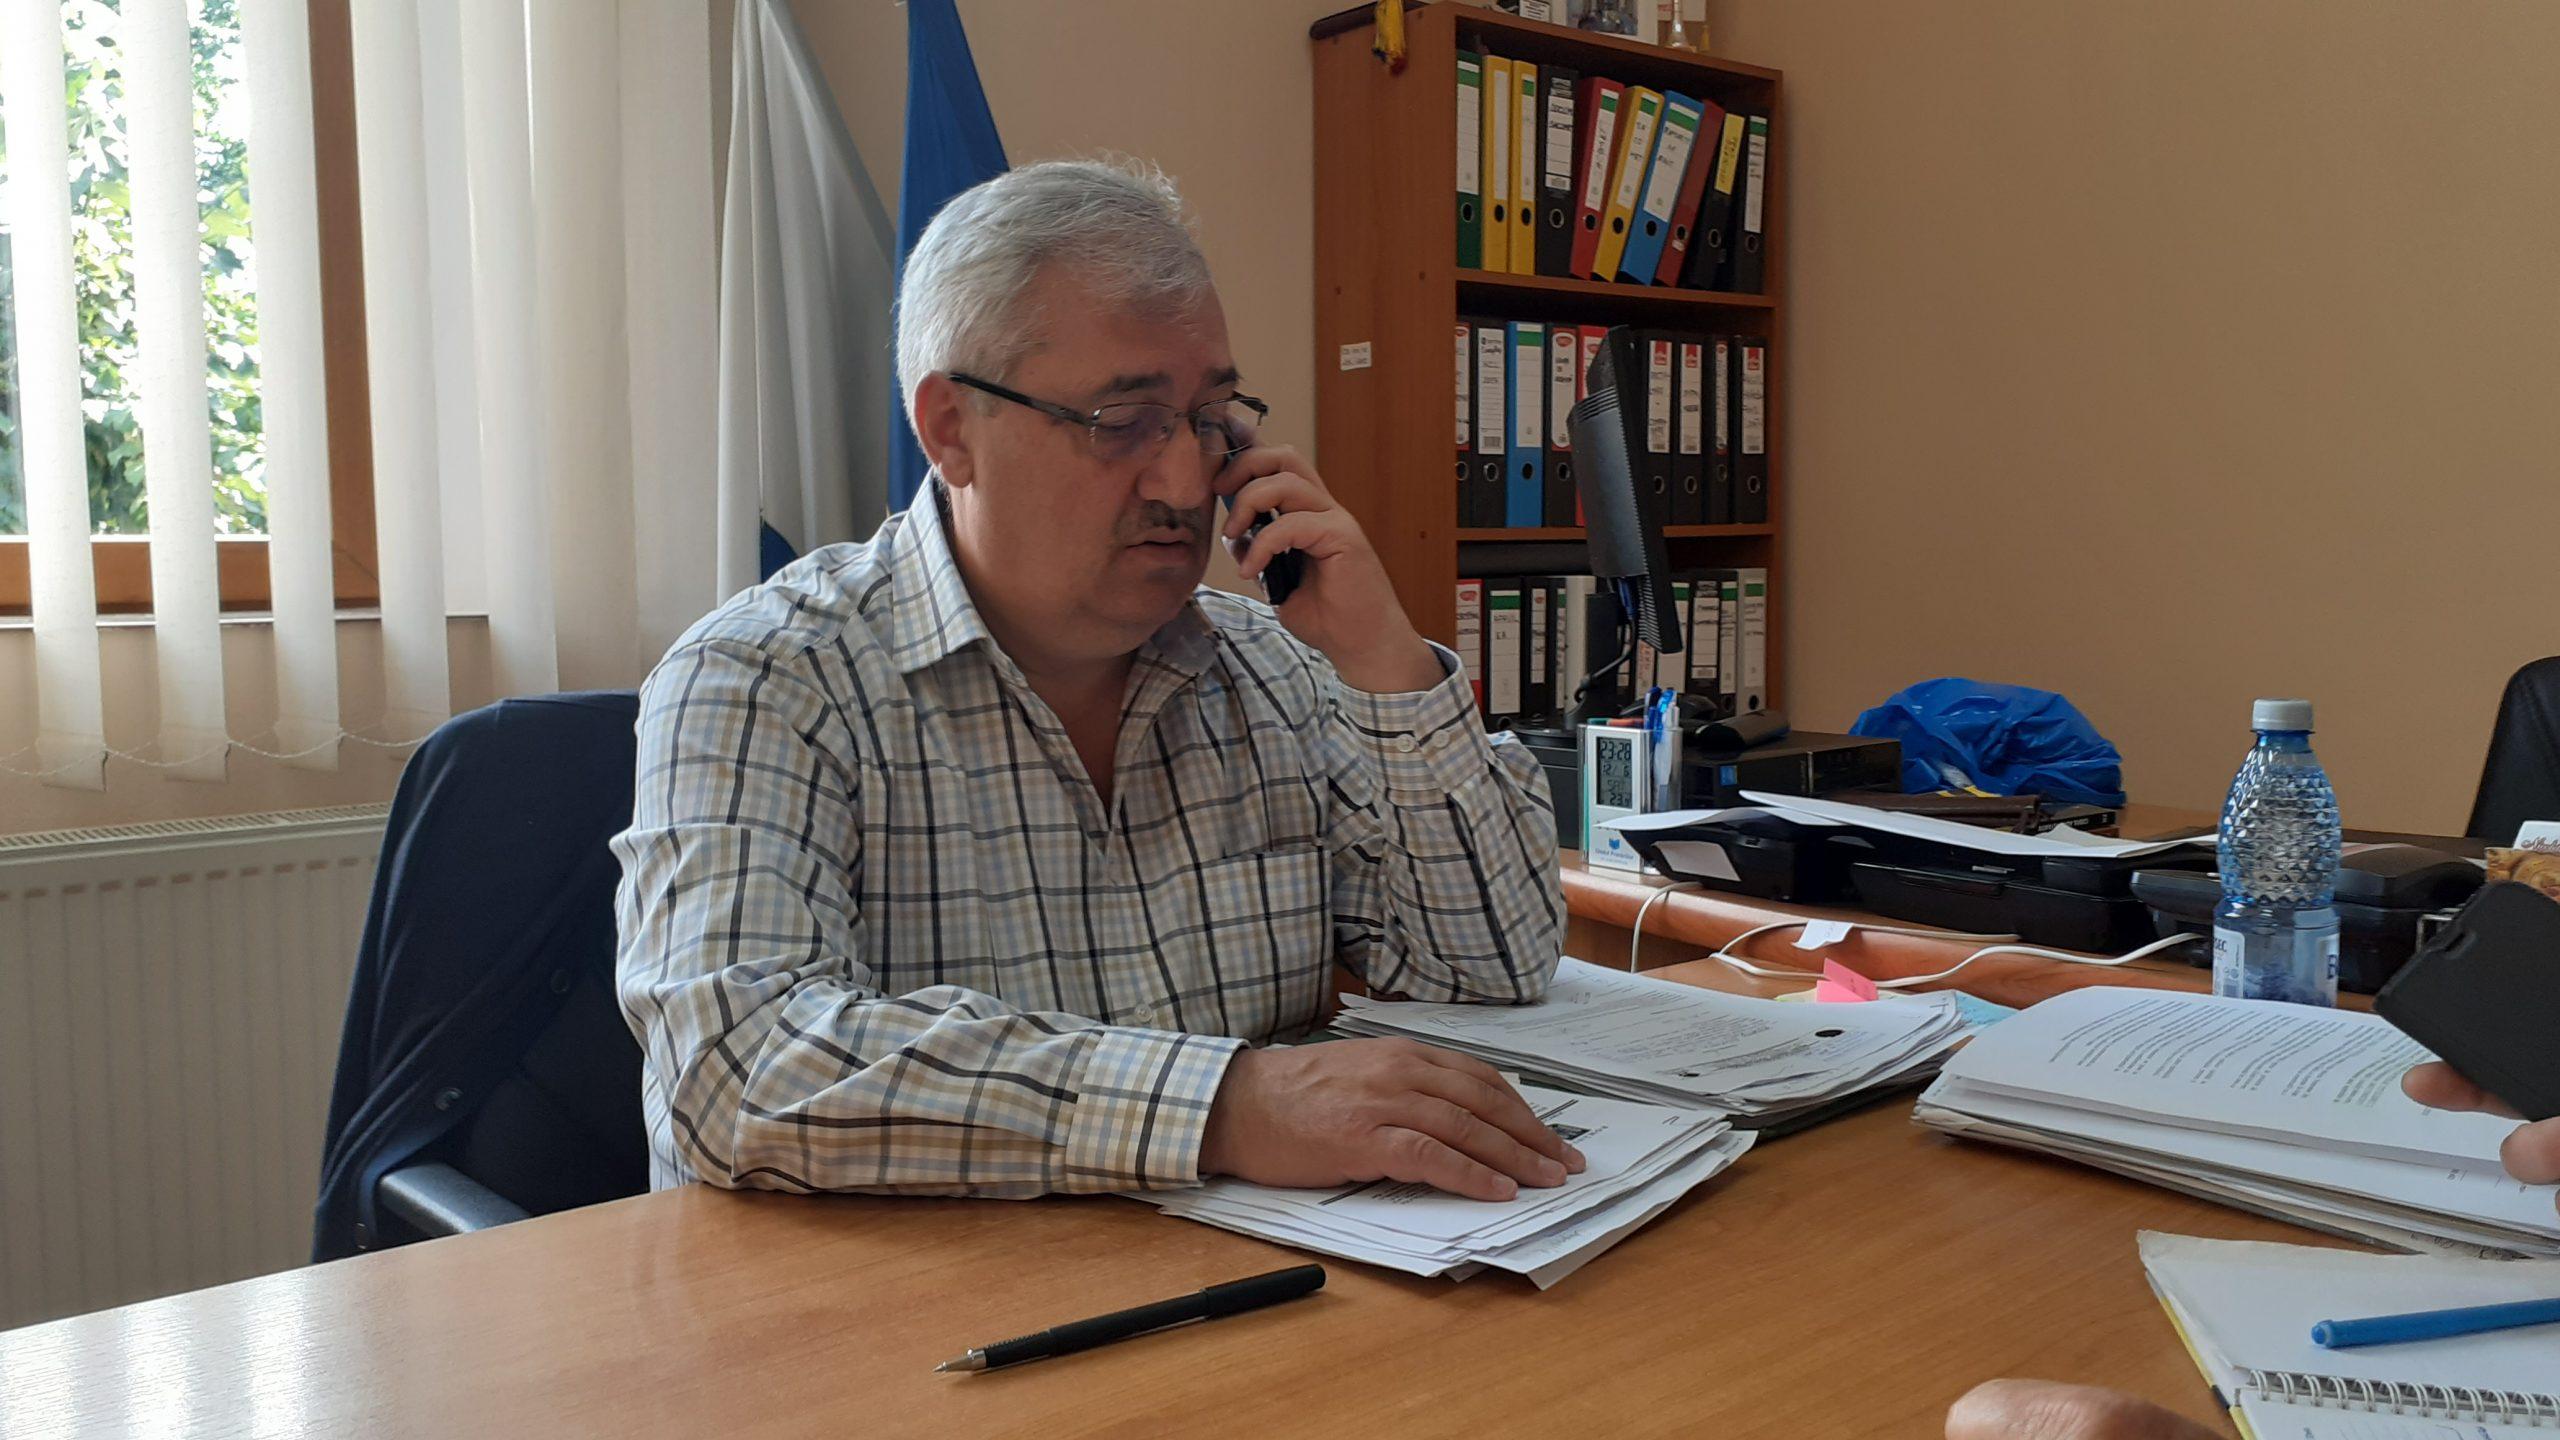 """Nicolae Sărdărescu, după ce a câştigat fără emoţii un nou mandat de primar: """"Le mulţumesc cetăţenilor pentru încrederea acordată. Voi fi primarul tuturor"""""""